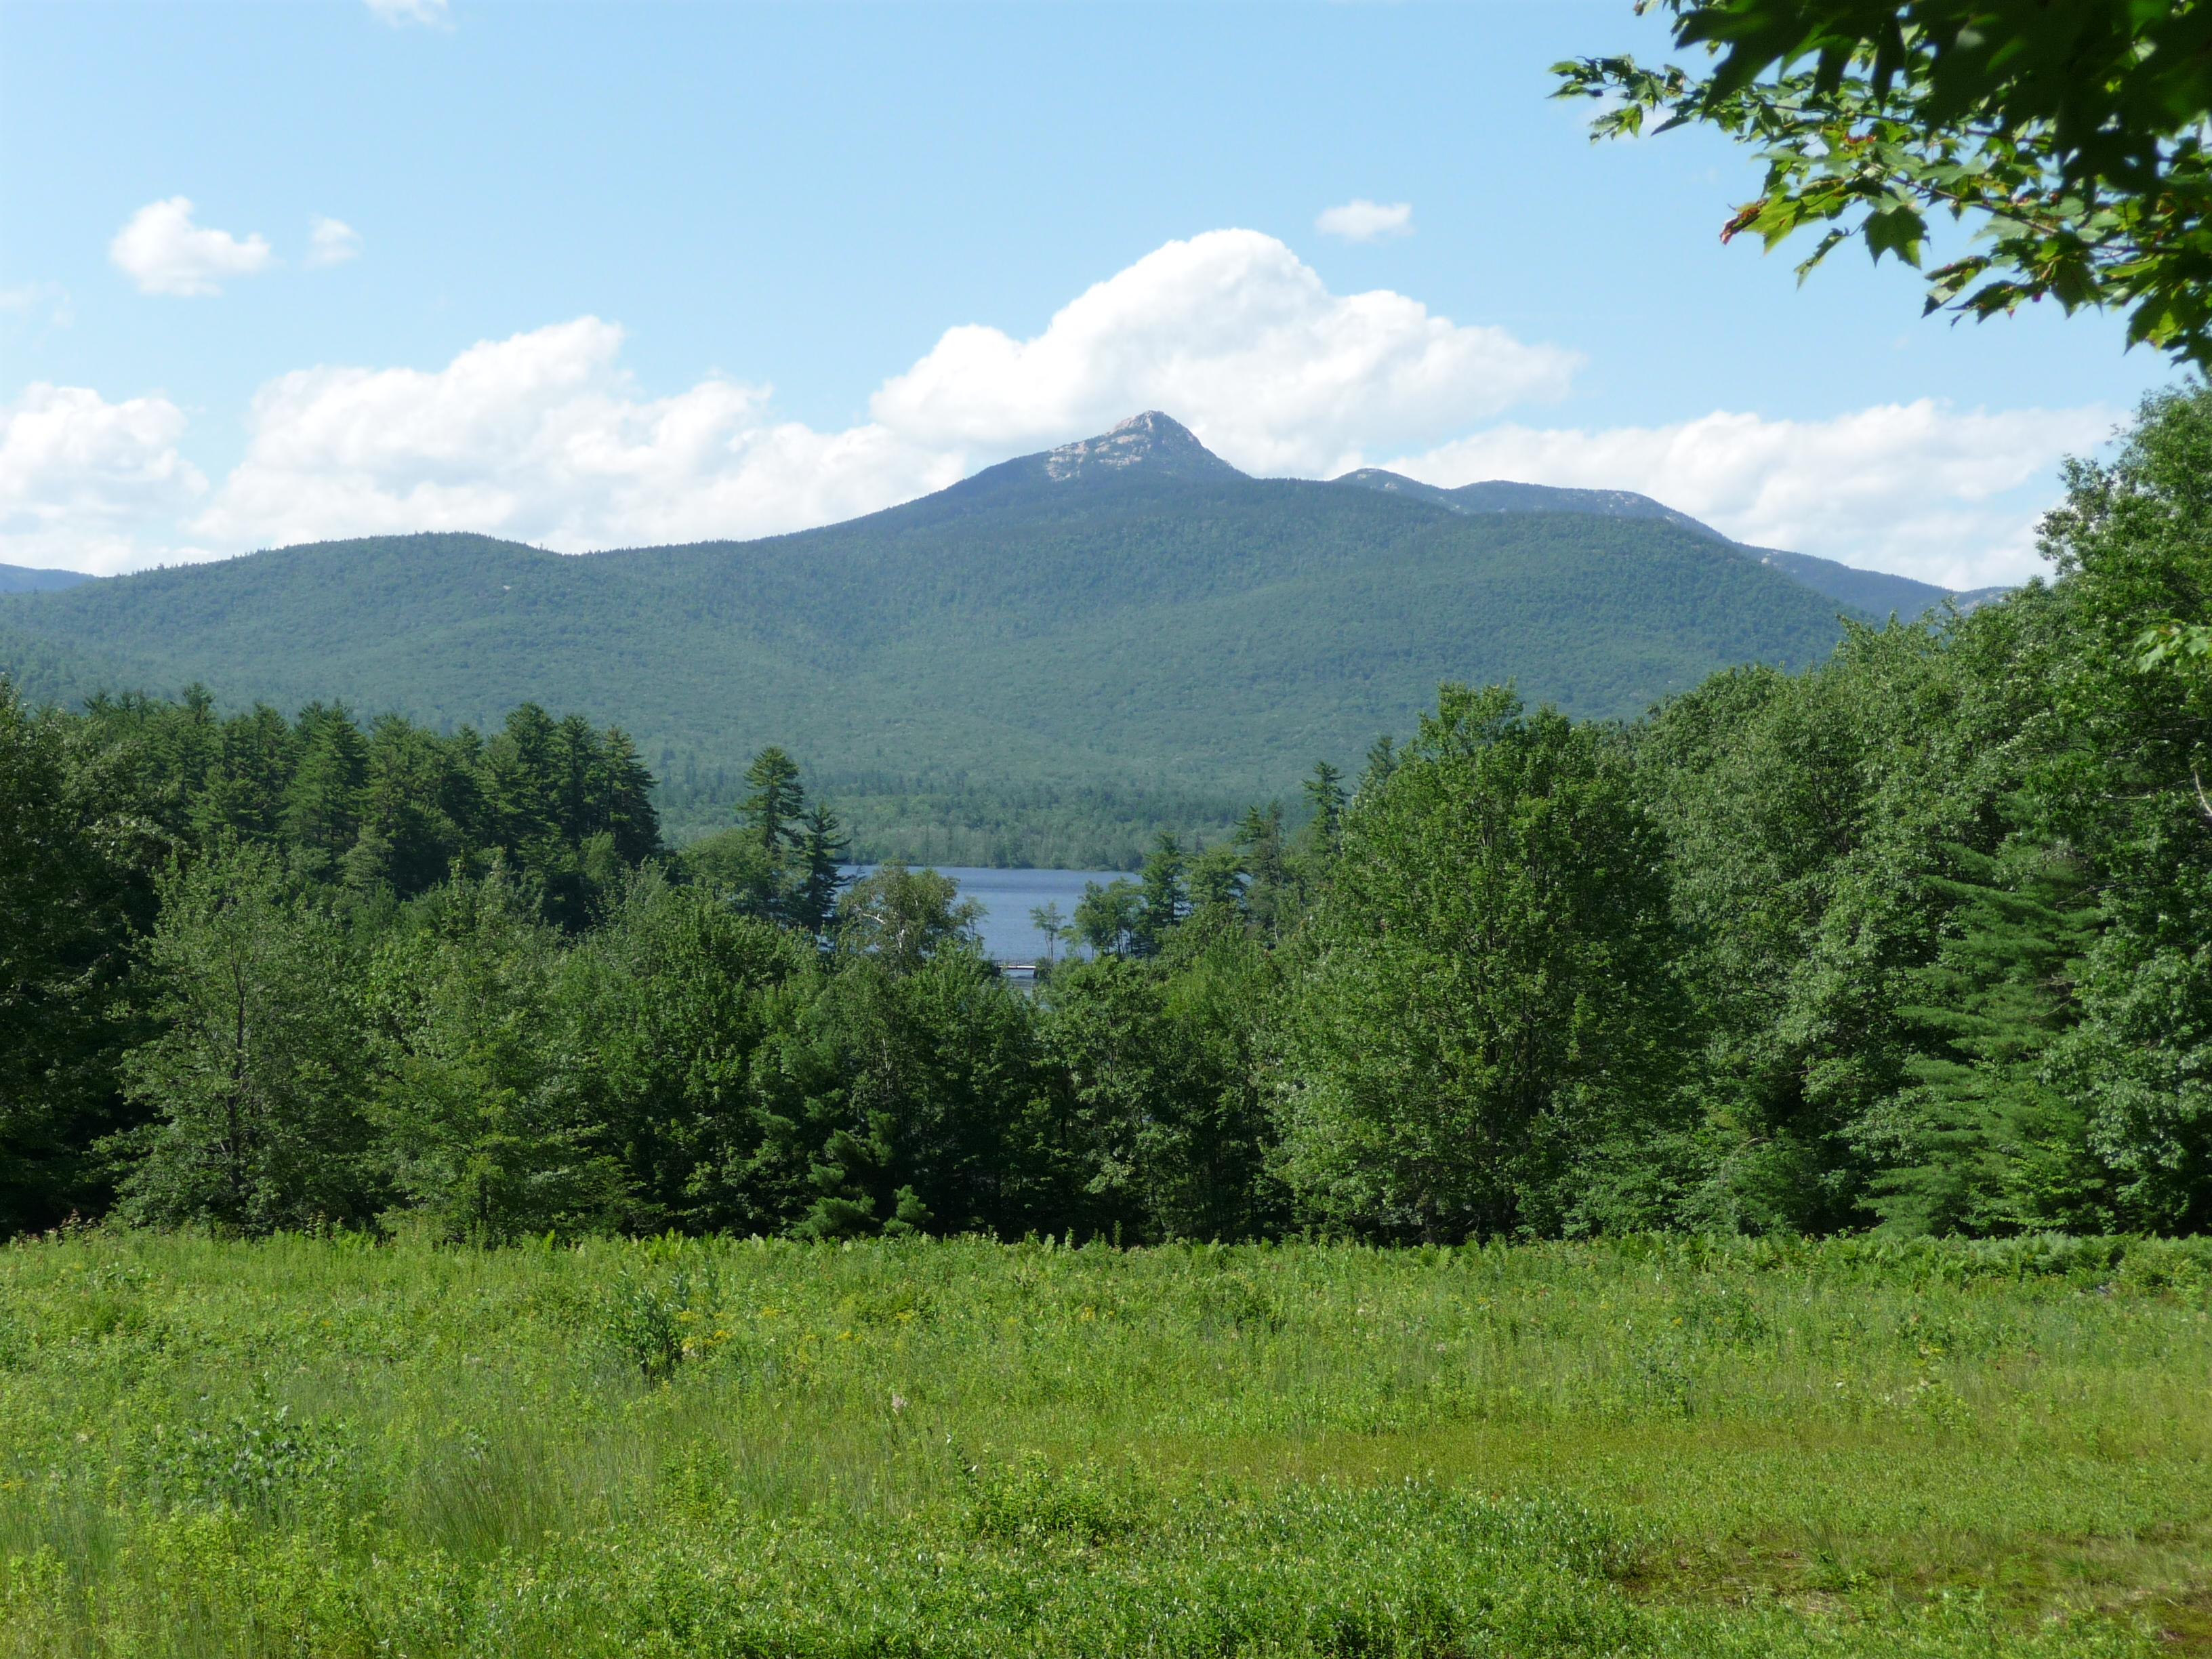 File:Mount Chocorua.jpg - Wikimedia Commons